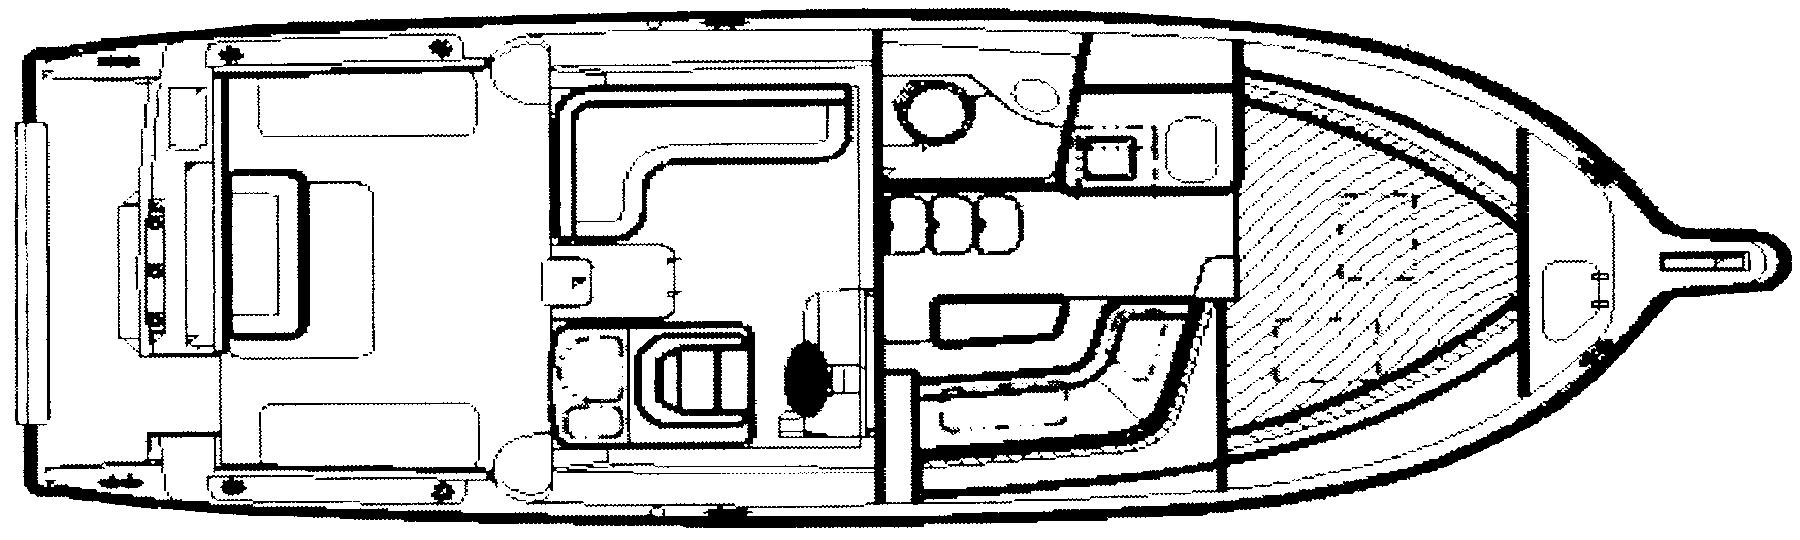 35 Express Floor Plan 1